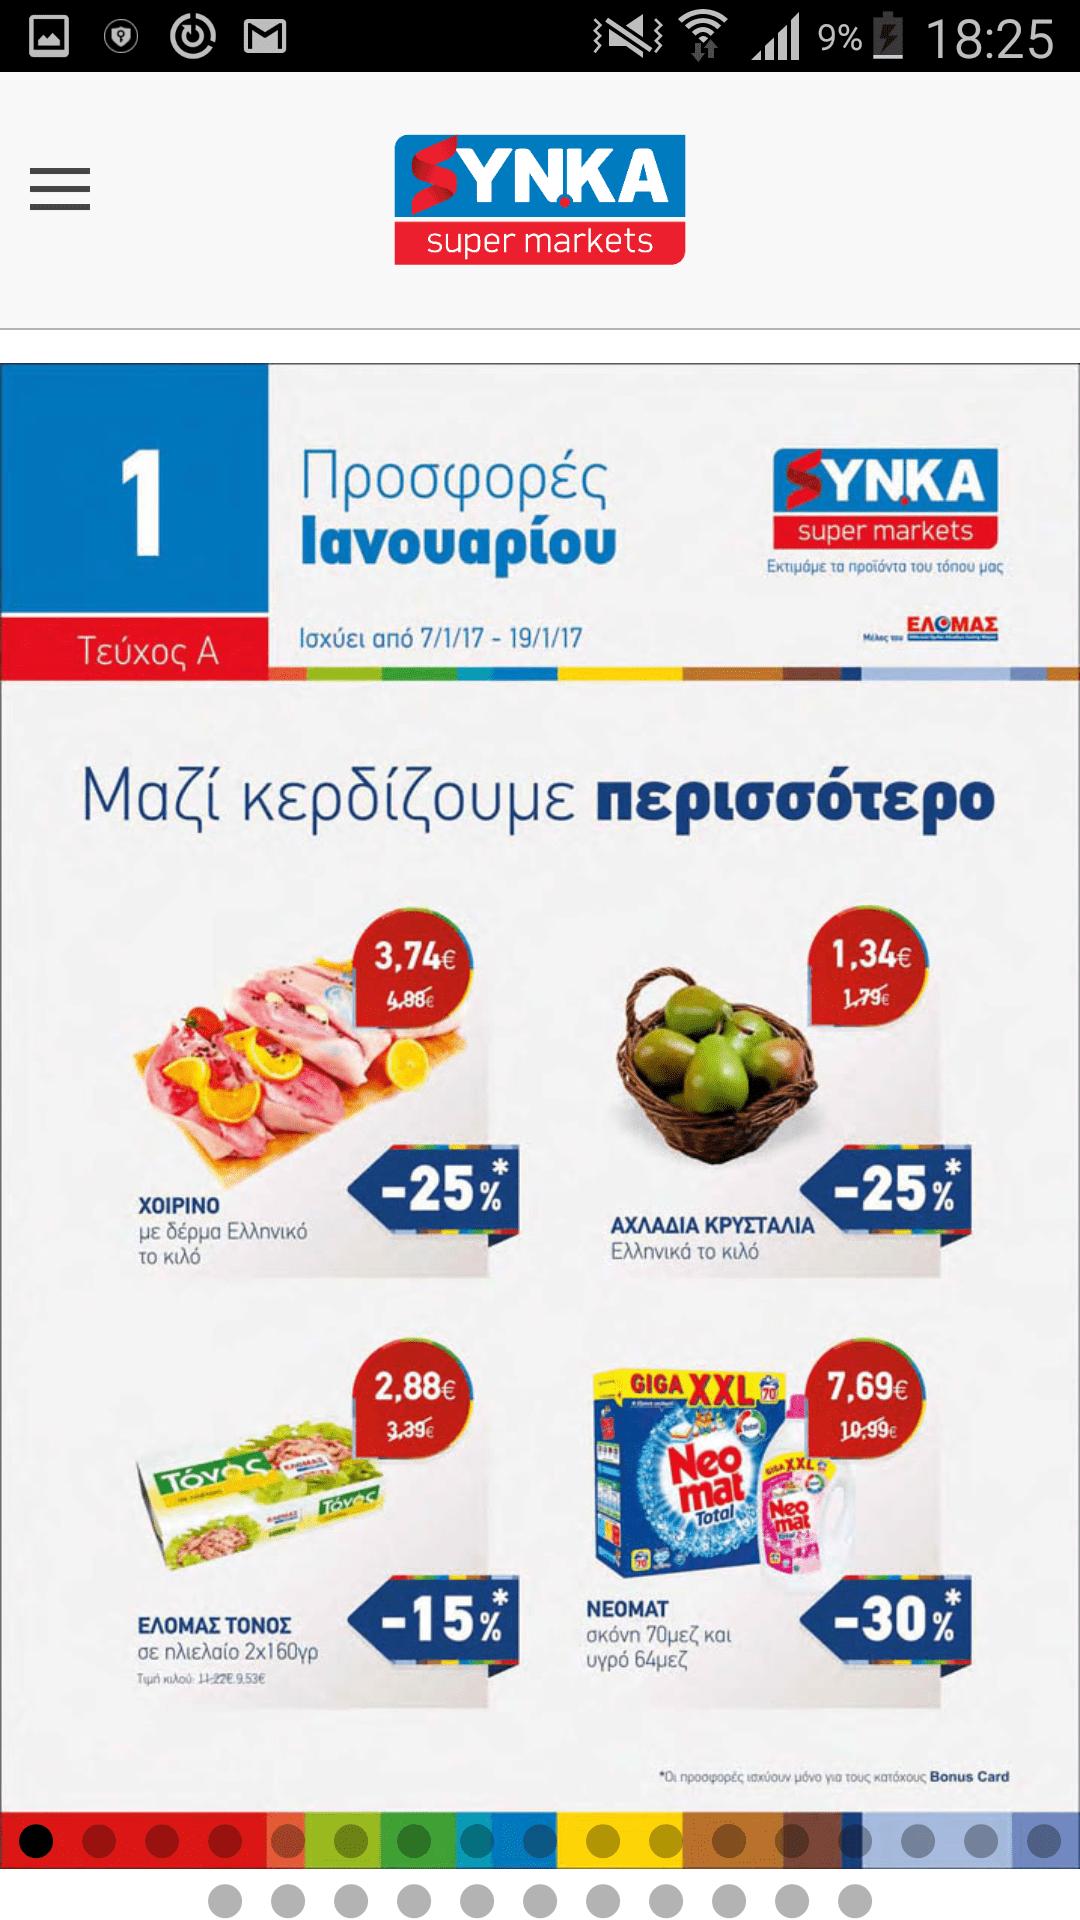 Kiriakakis.com - Synka Application